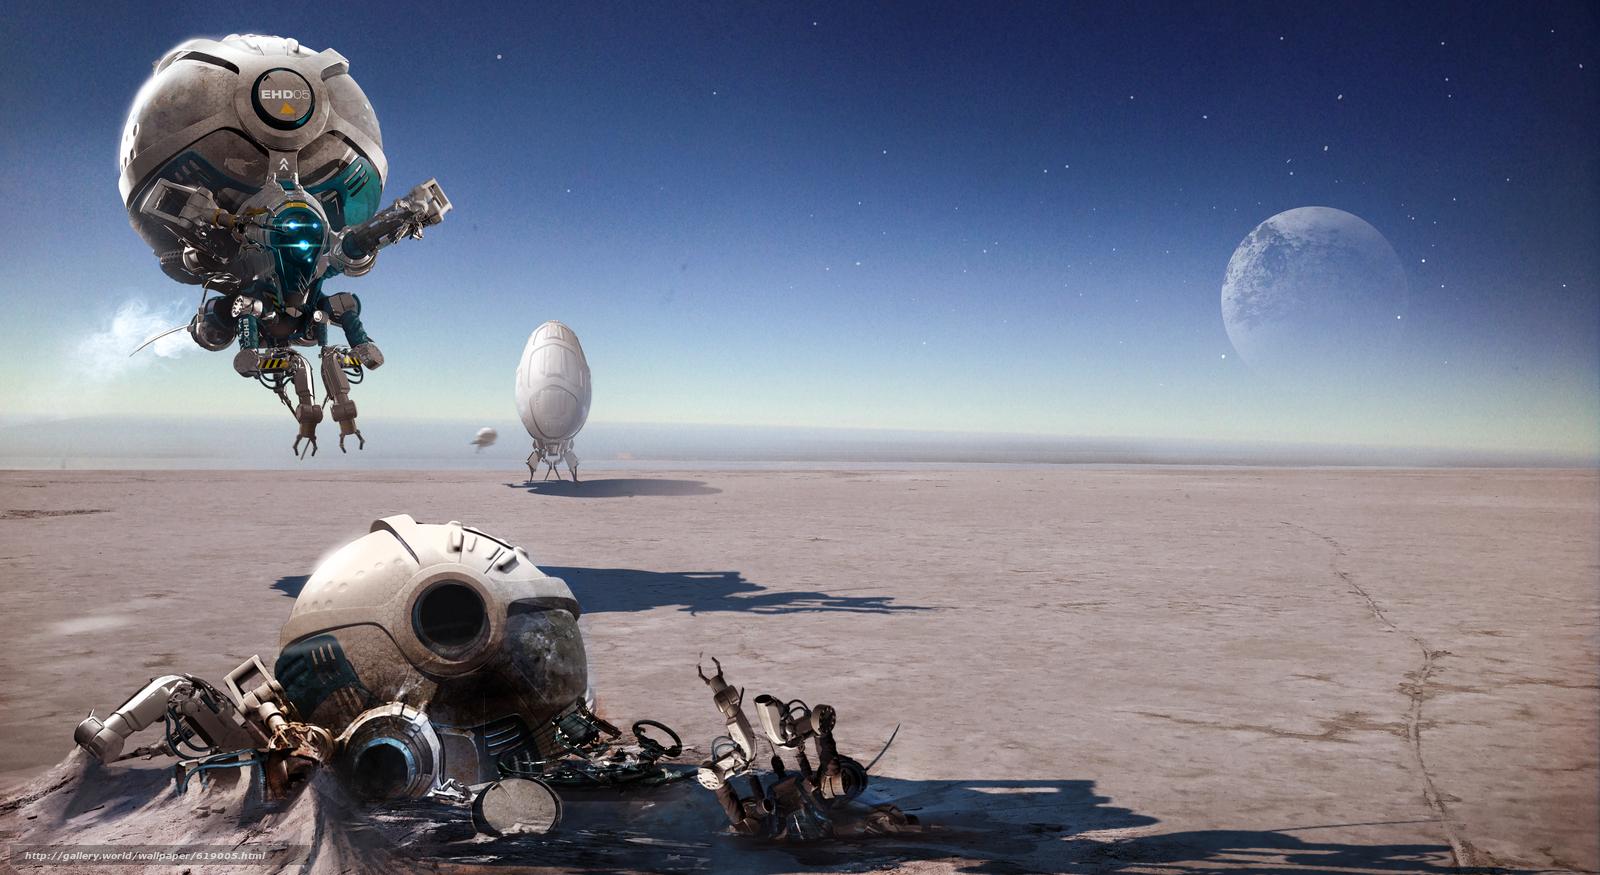 Скачать на телефон обои фото картинку на тему igor_sobolevsky, Imaginary landscape, drones, crash, moon, desert, flight, разширение 5720x3129